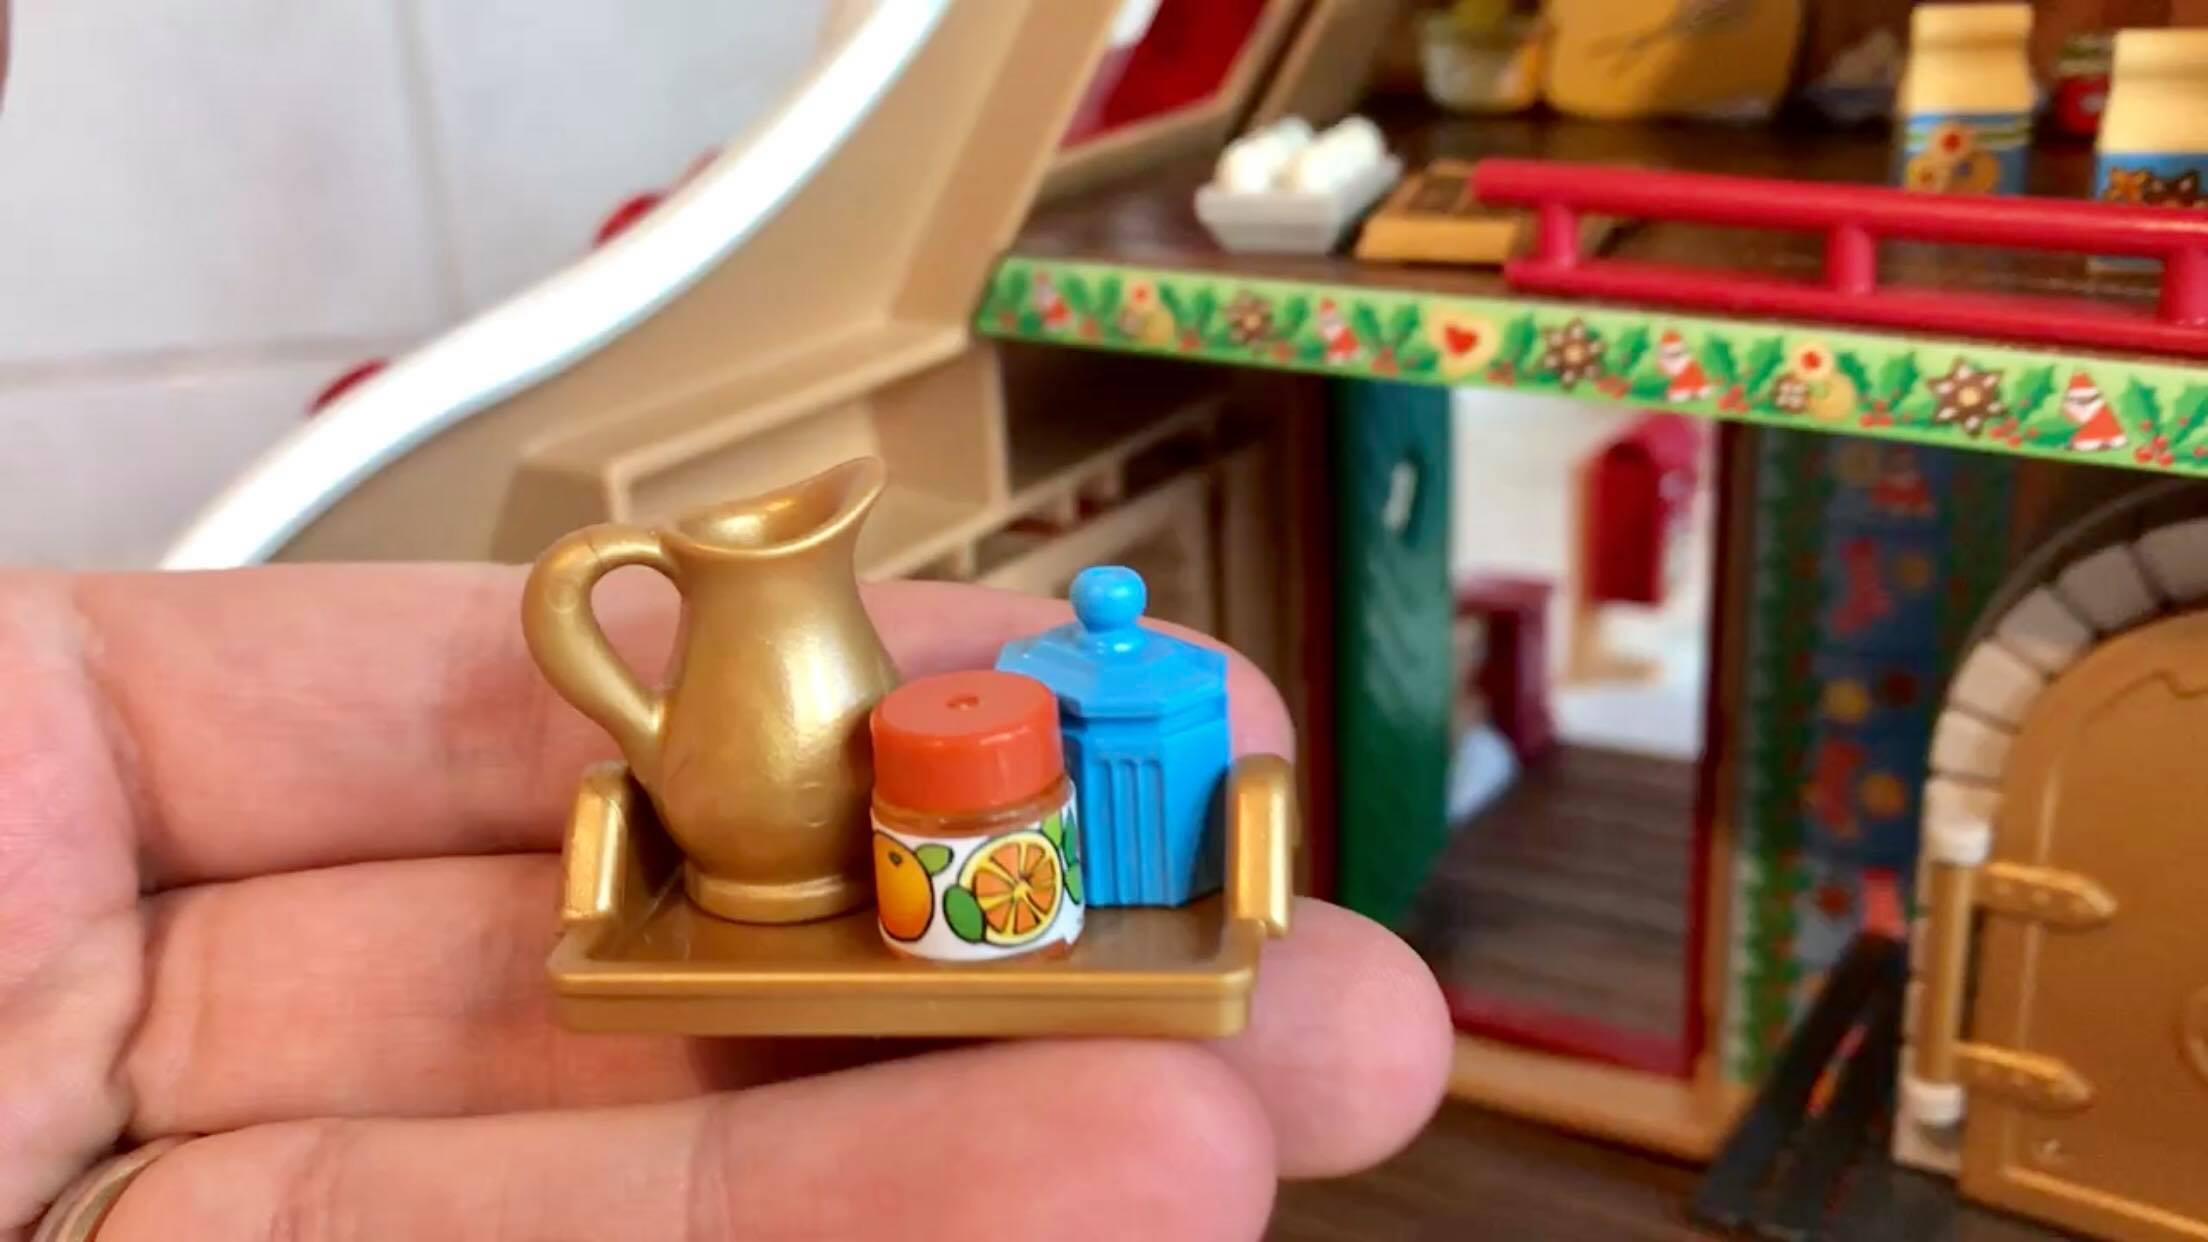 Uite un cadou frumos de-ți vine să-l mănânci, pentru copii de peste 4 ani, fascinați de Moș Crăciun miruna ioani